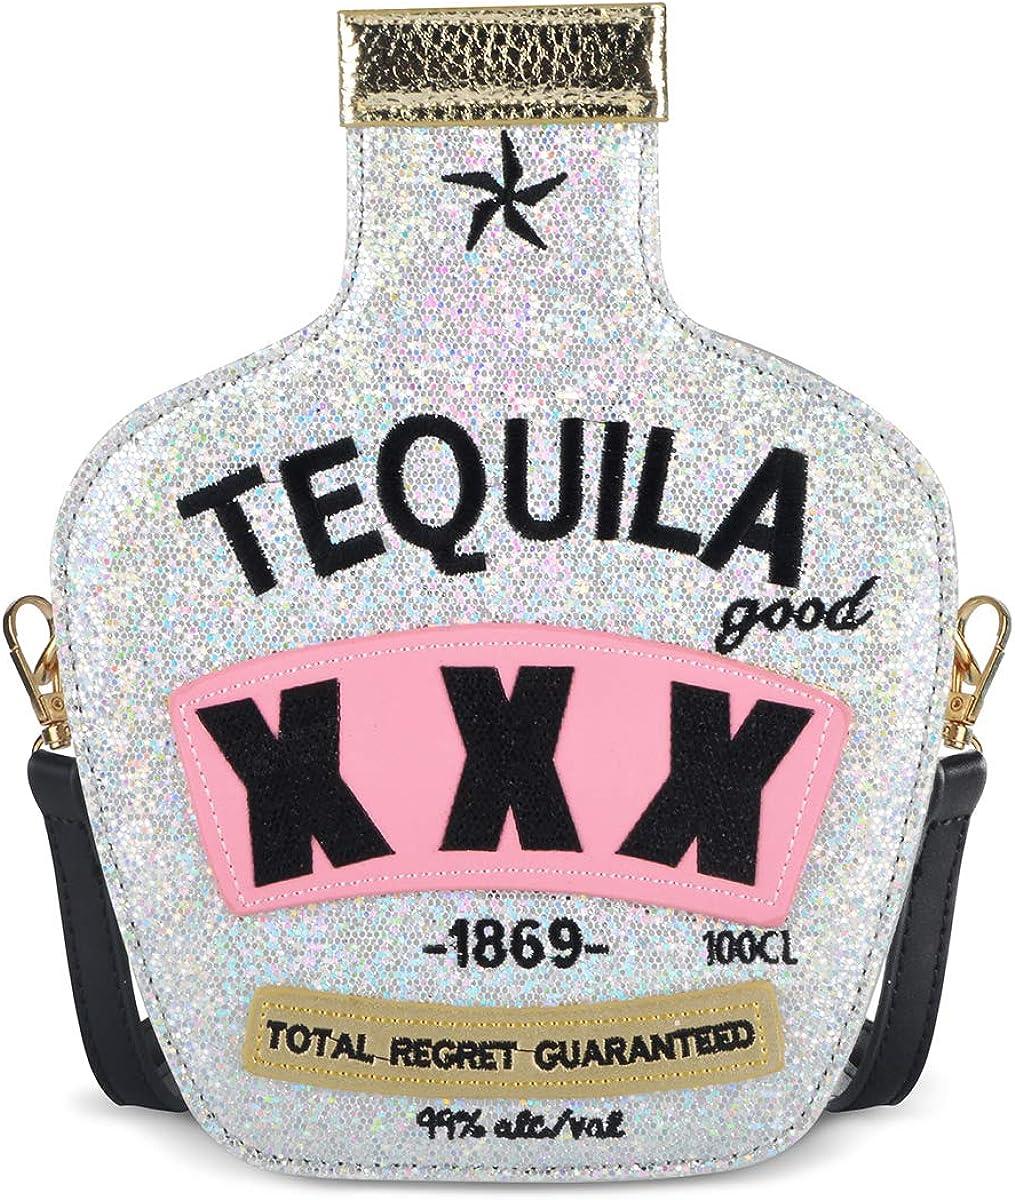 Sparkling Bag for Women, USTYLE Tequila Bottle Shaped Clutch Purse Elegant Handbag